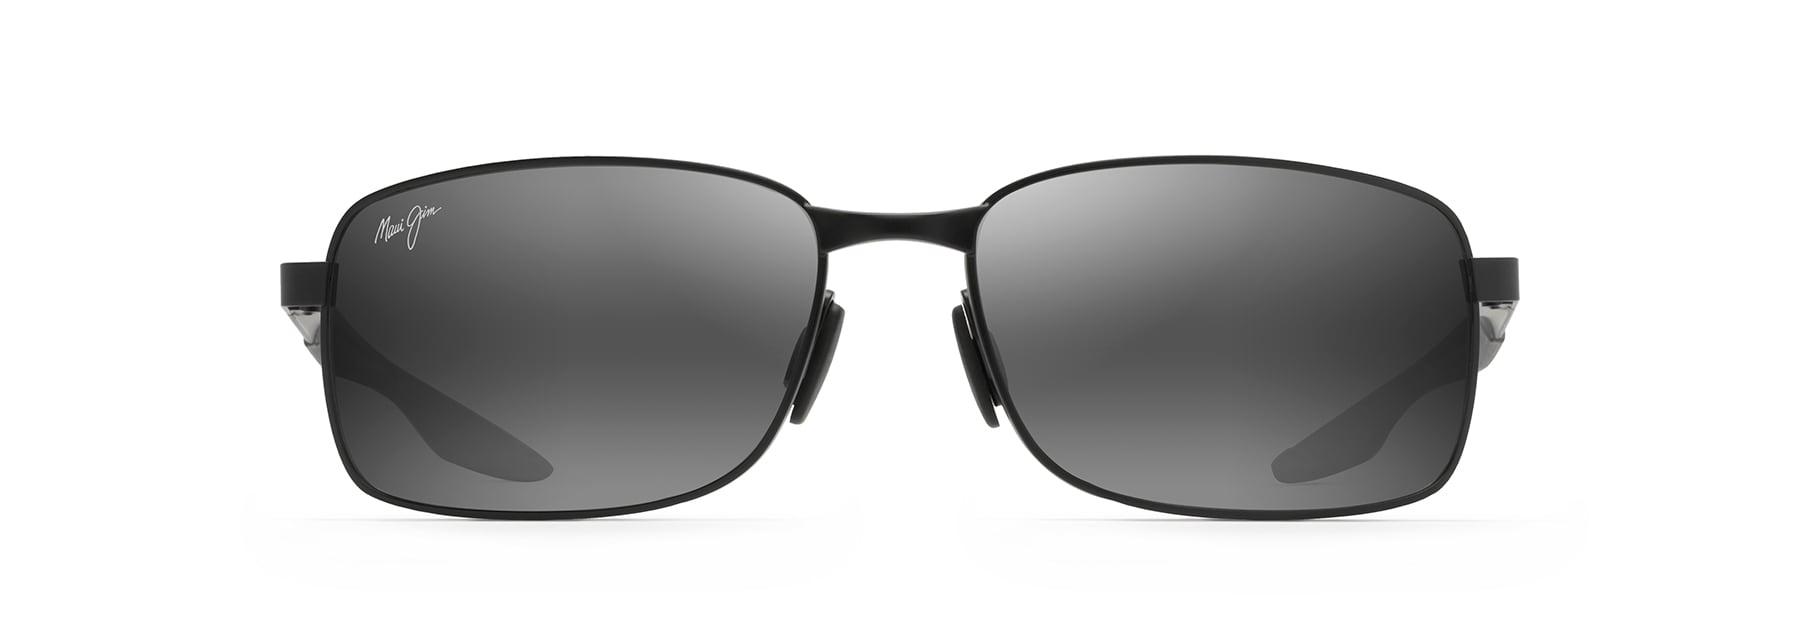 Shoal lunettes de soleil polarisées   Maui Jim® 57a93d5f2d5c